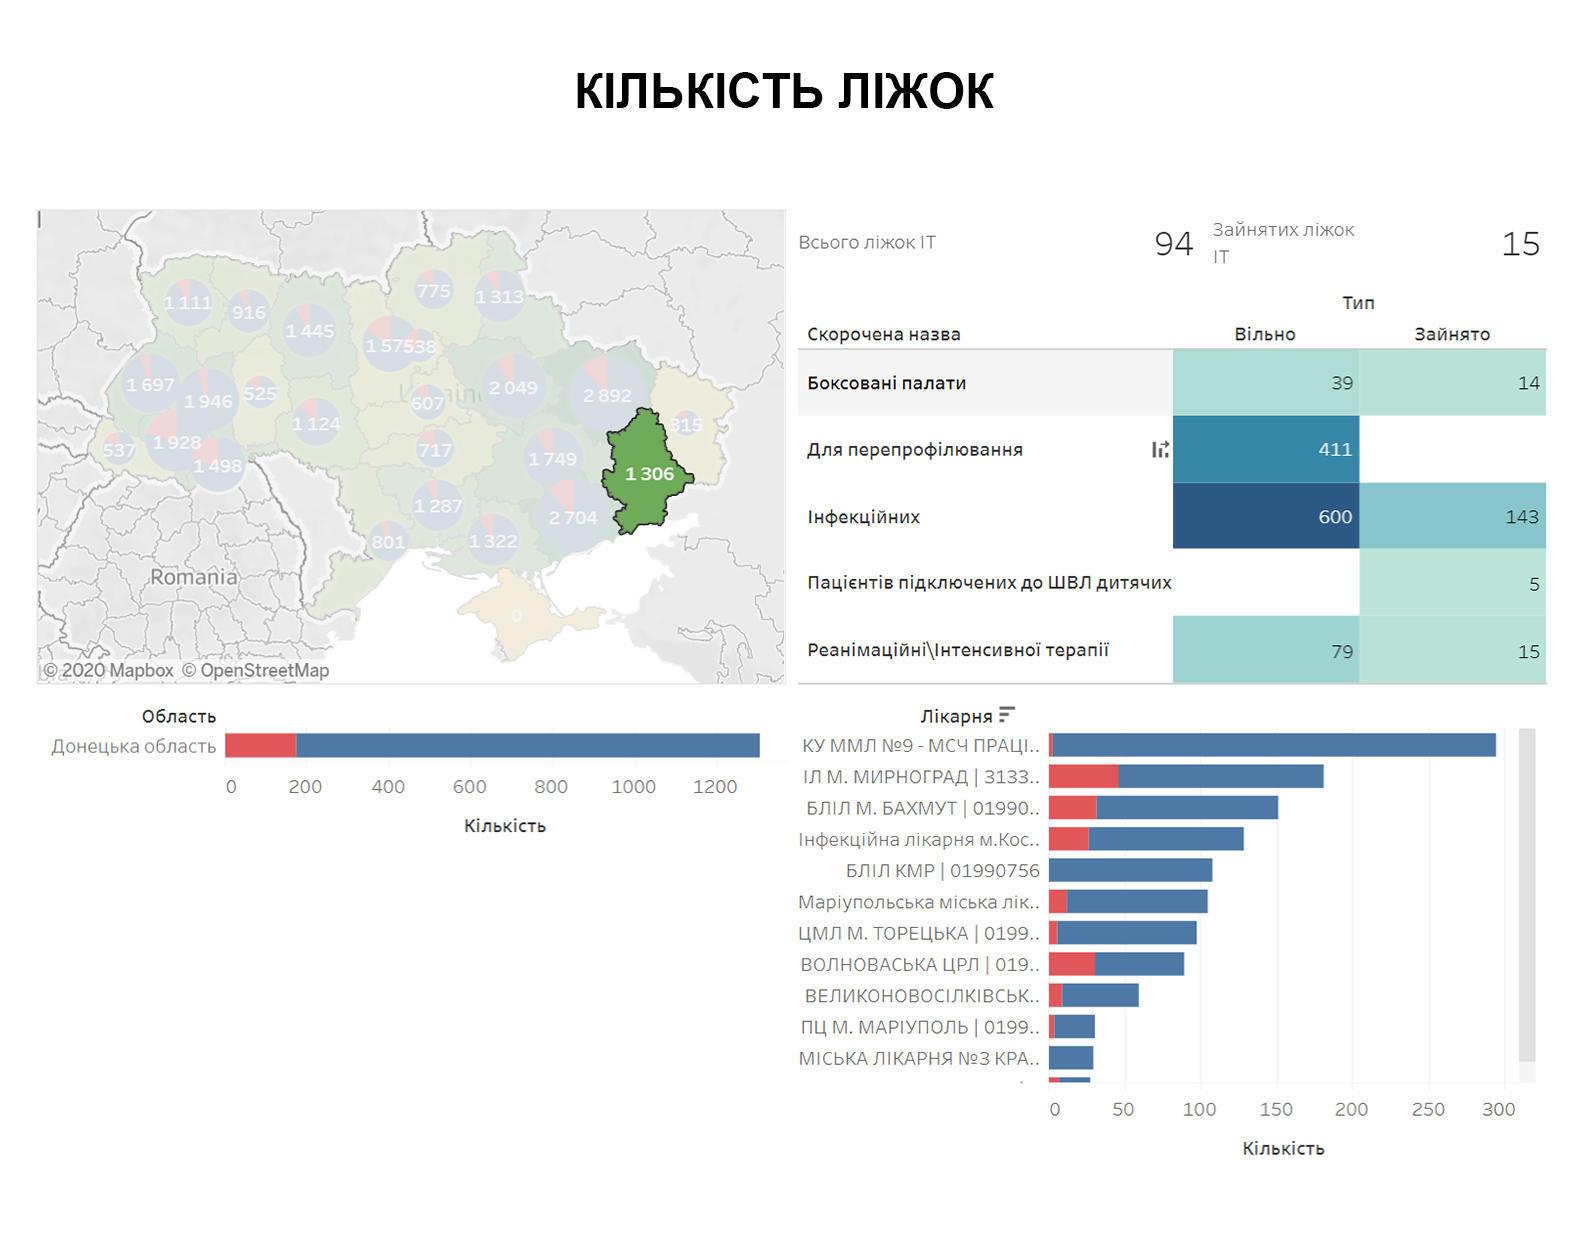 Лікарні Донеччини забезпечені на 47 днів епідемії: аналіз лікарень по карті медзабезпечення